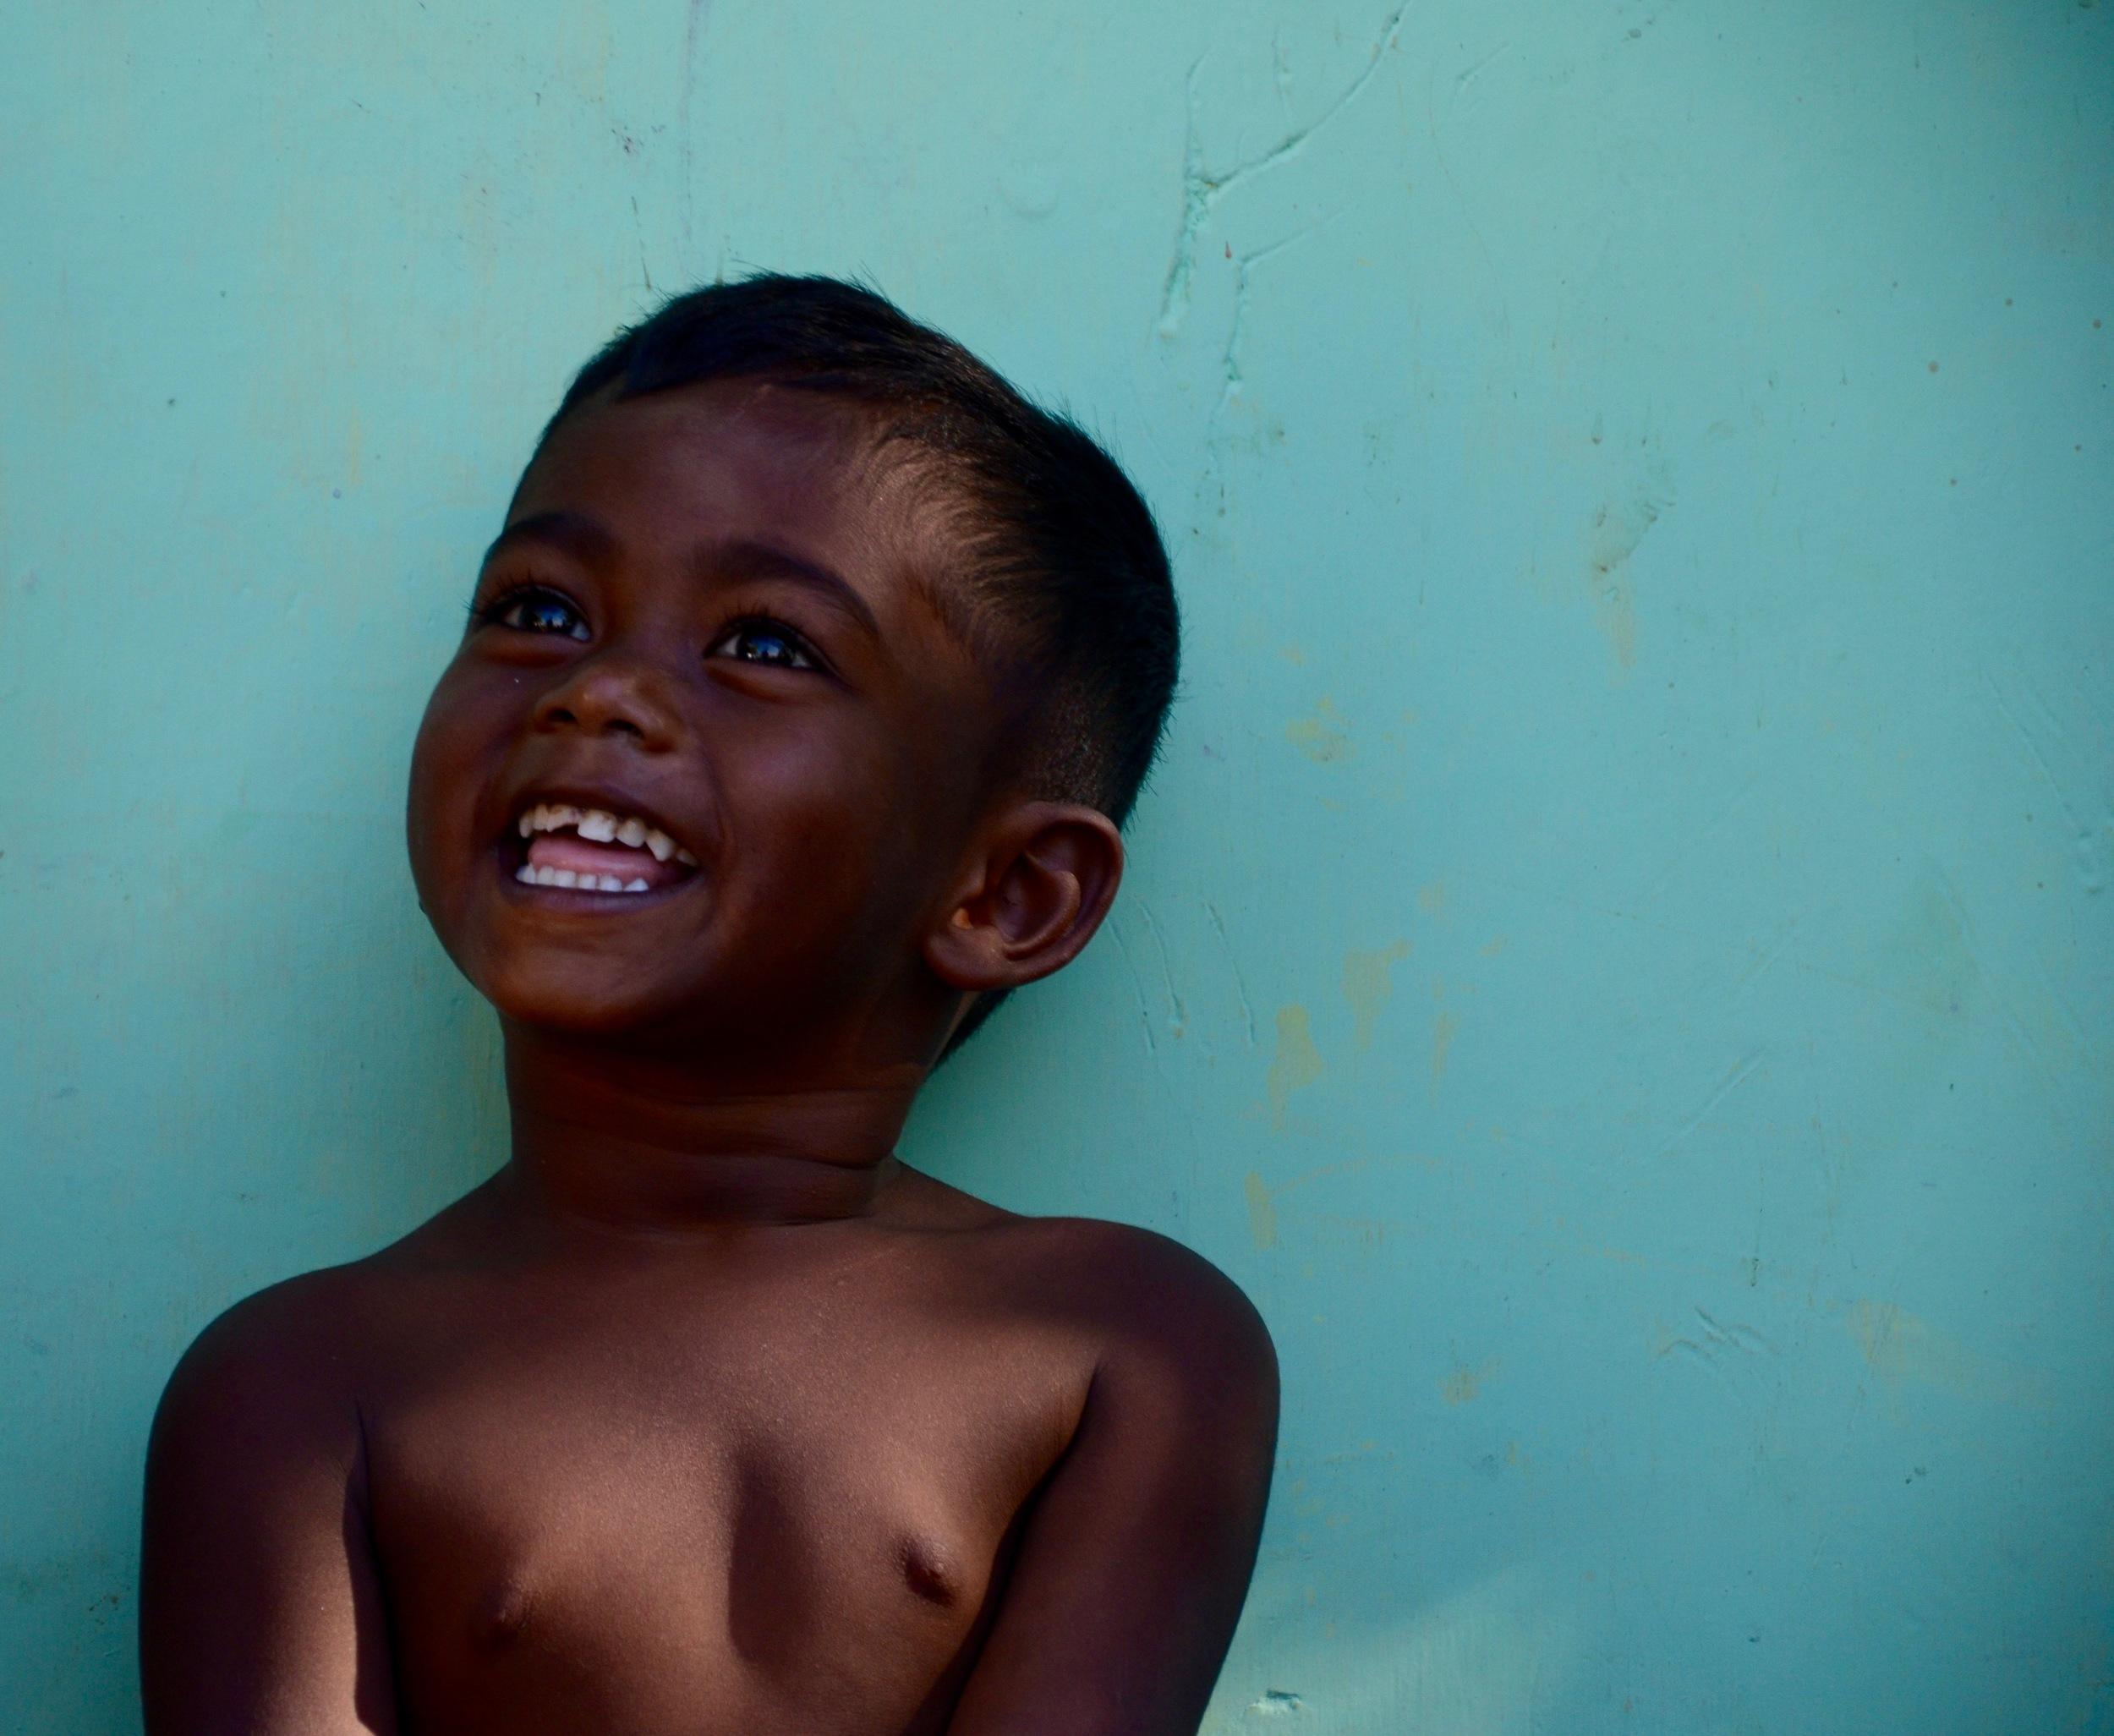 Photo courtesy Sri Lanka Tourism